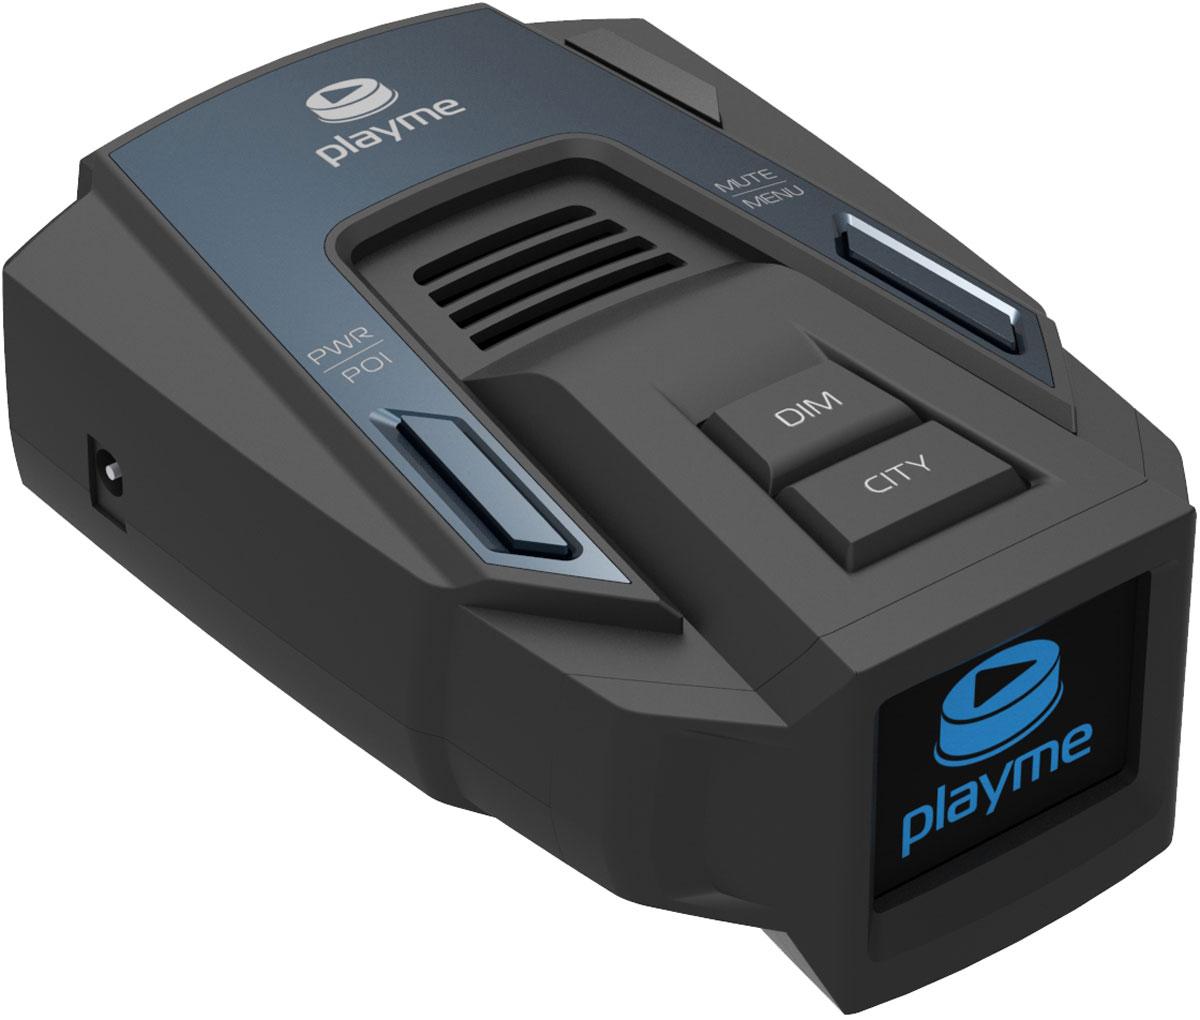 PlayMe Silent радар-детекторPlayMe-SILENTPlayMe Silent точно определяет модели радаров, игнорируя «ложные» излучатели. На премиальном дисплее выводится информация о скорости, расстоянии до камеры и ее модели. Диагональ монитора — 1,5 дюйма, а сигналы дублируются голосом.Данный радар-детектор адаптирован для использования в городских условиях, где общий уровень сигналов и возможность ложных срабатываний многократно возрастает.Отключение отдельных диапазоновТип дисплея: OLEDЗащита от ложных срабатыванийСохранение настроекСпектральная чувствительность: 800 - 1100 нмРабочая температура: -20°C - +70°C